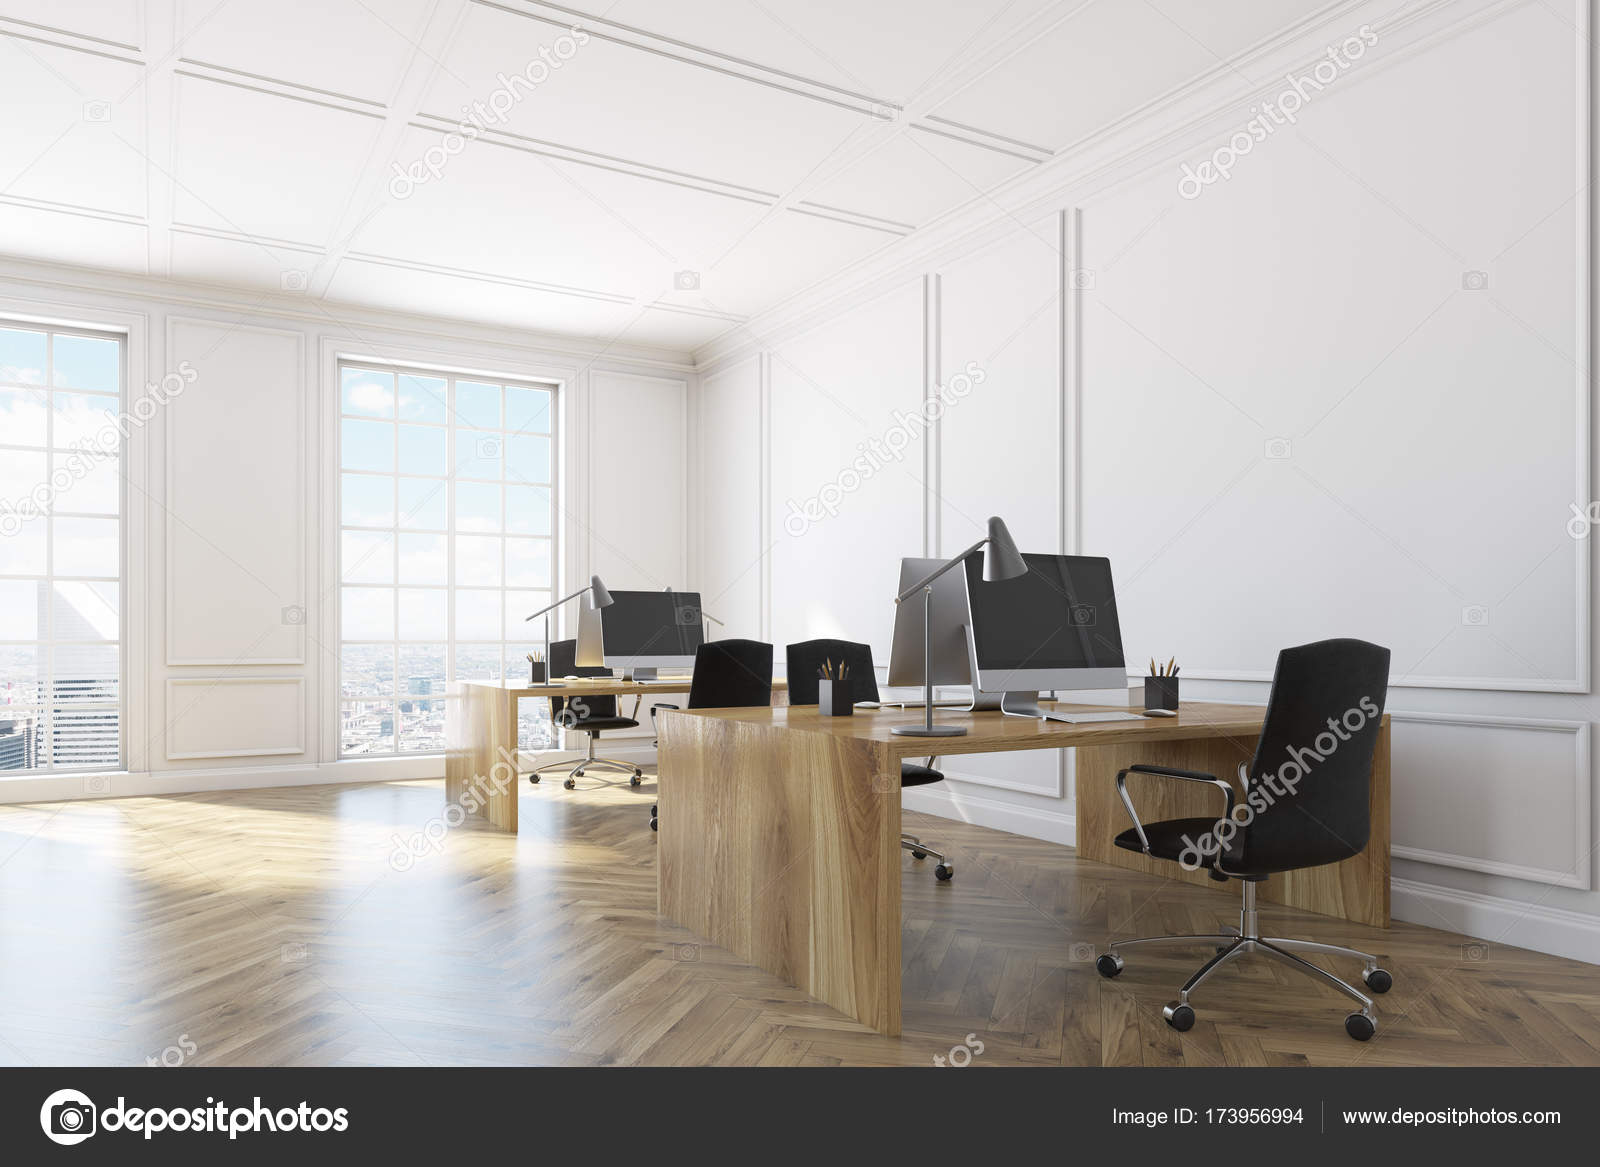 Blanc le coin intérieur de bureau open space u photographie